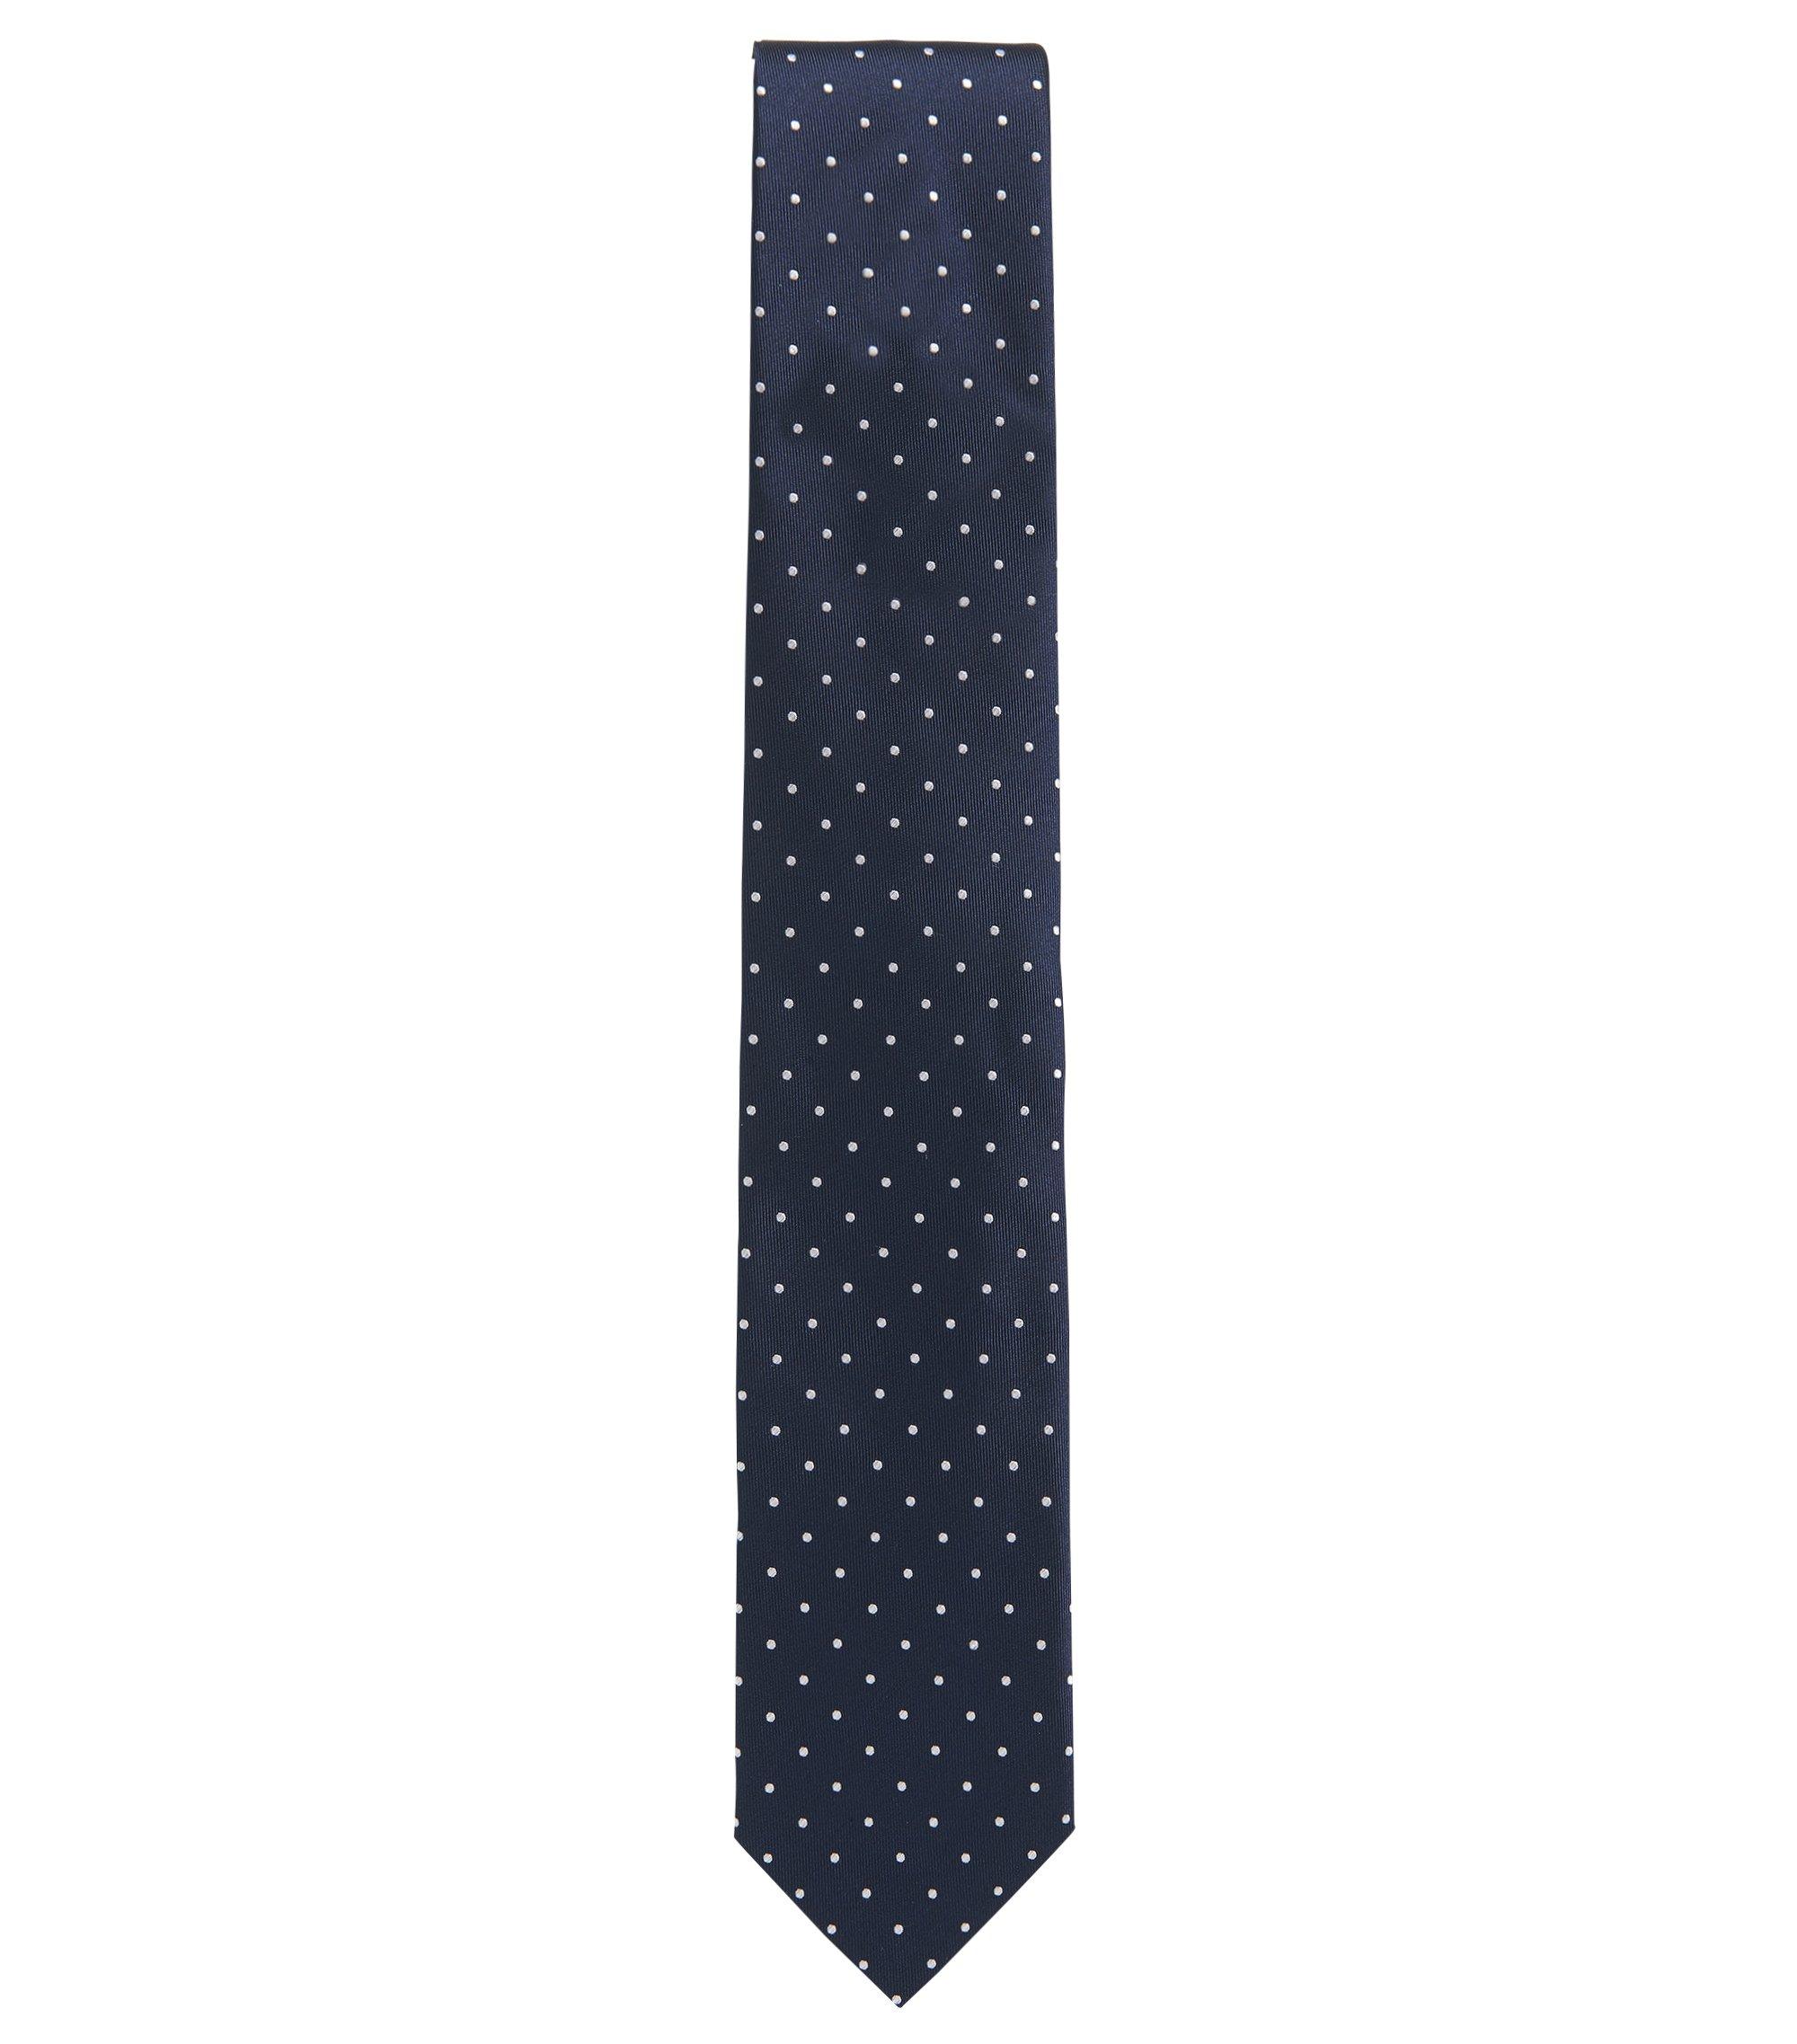 Cravate en soie à micro pois, Bleu foncé